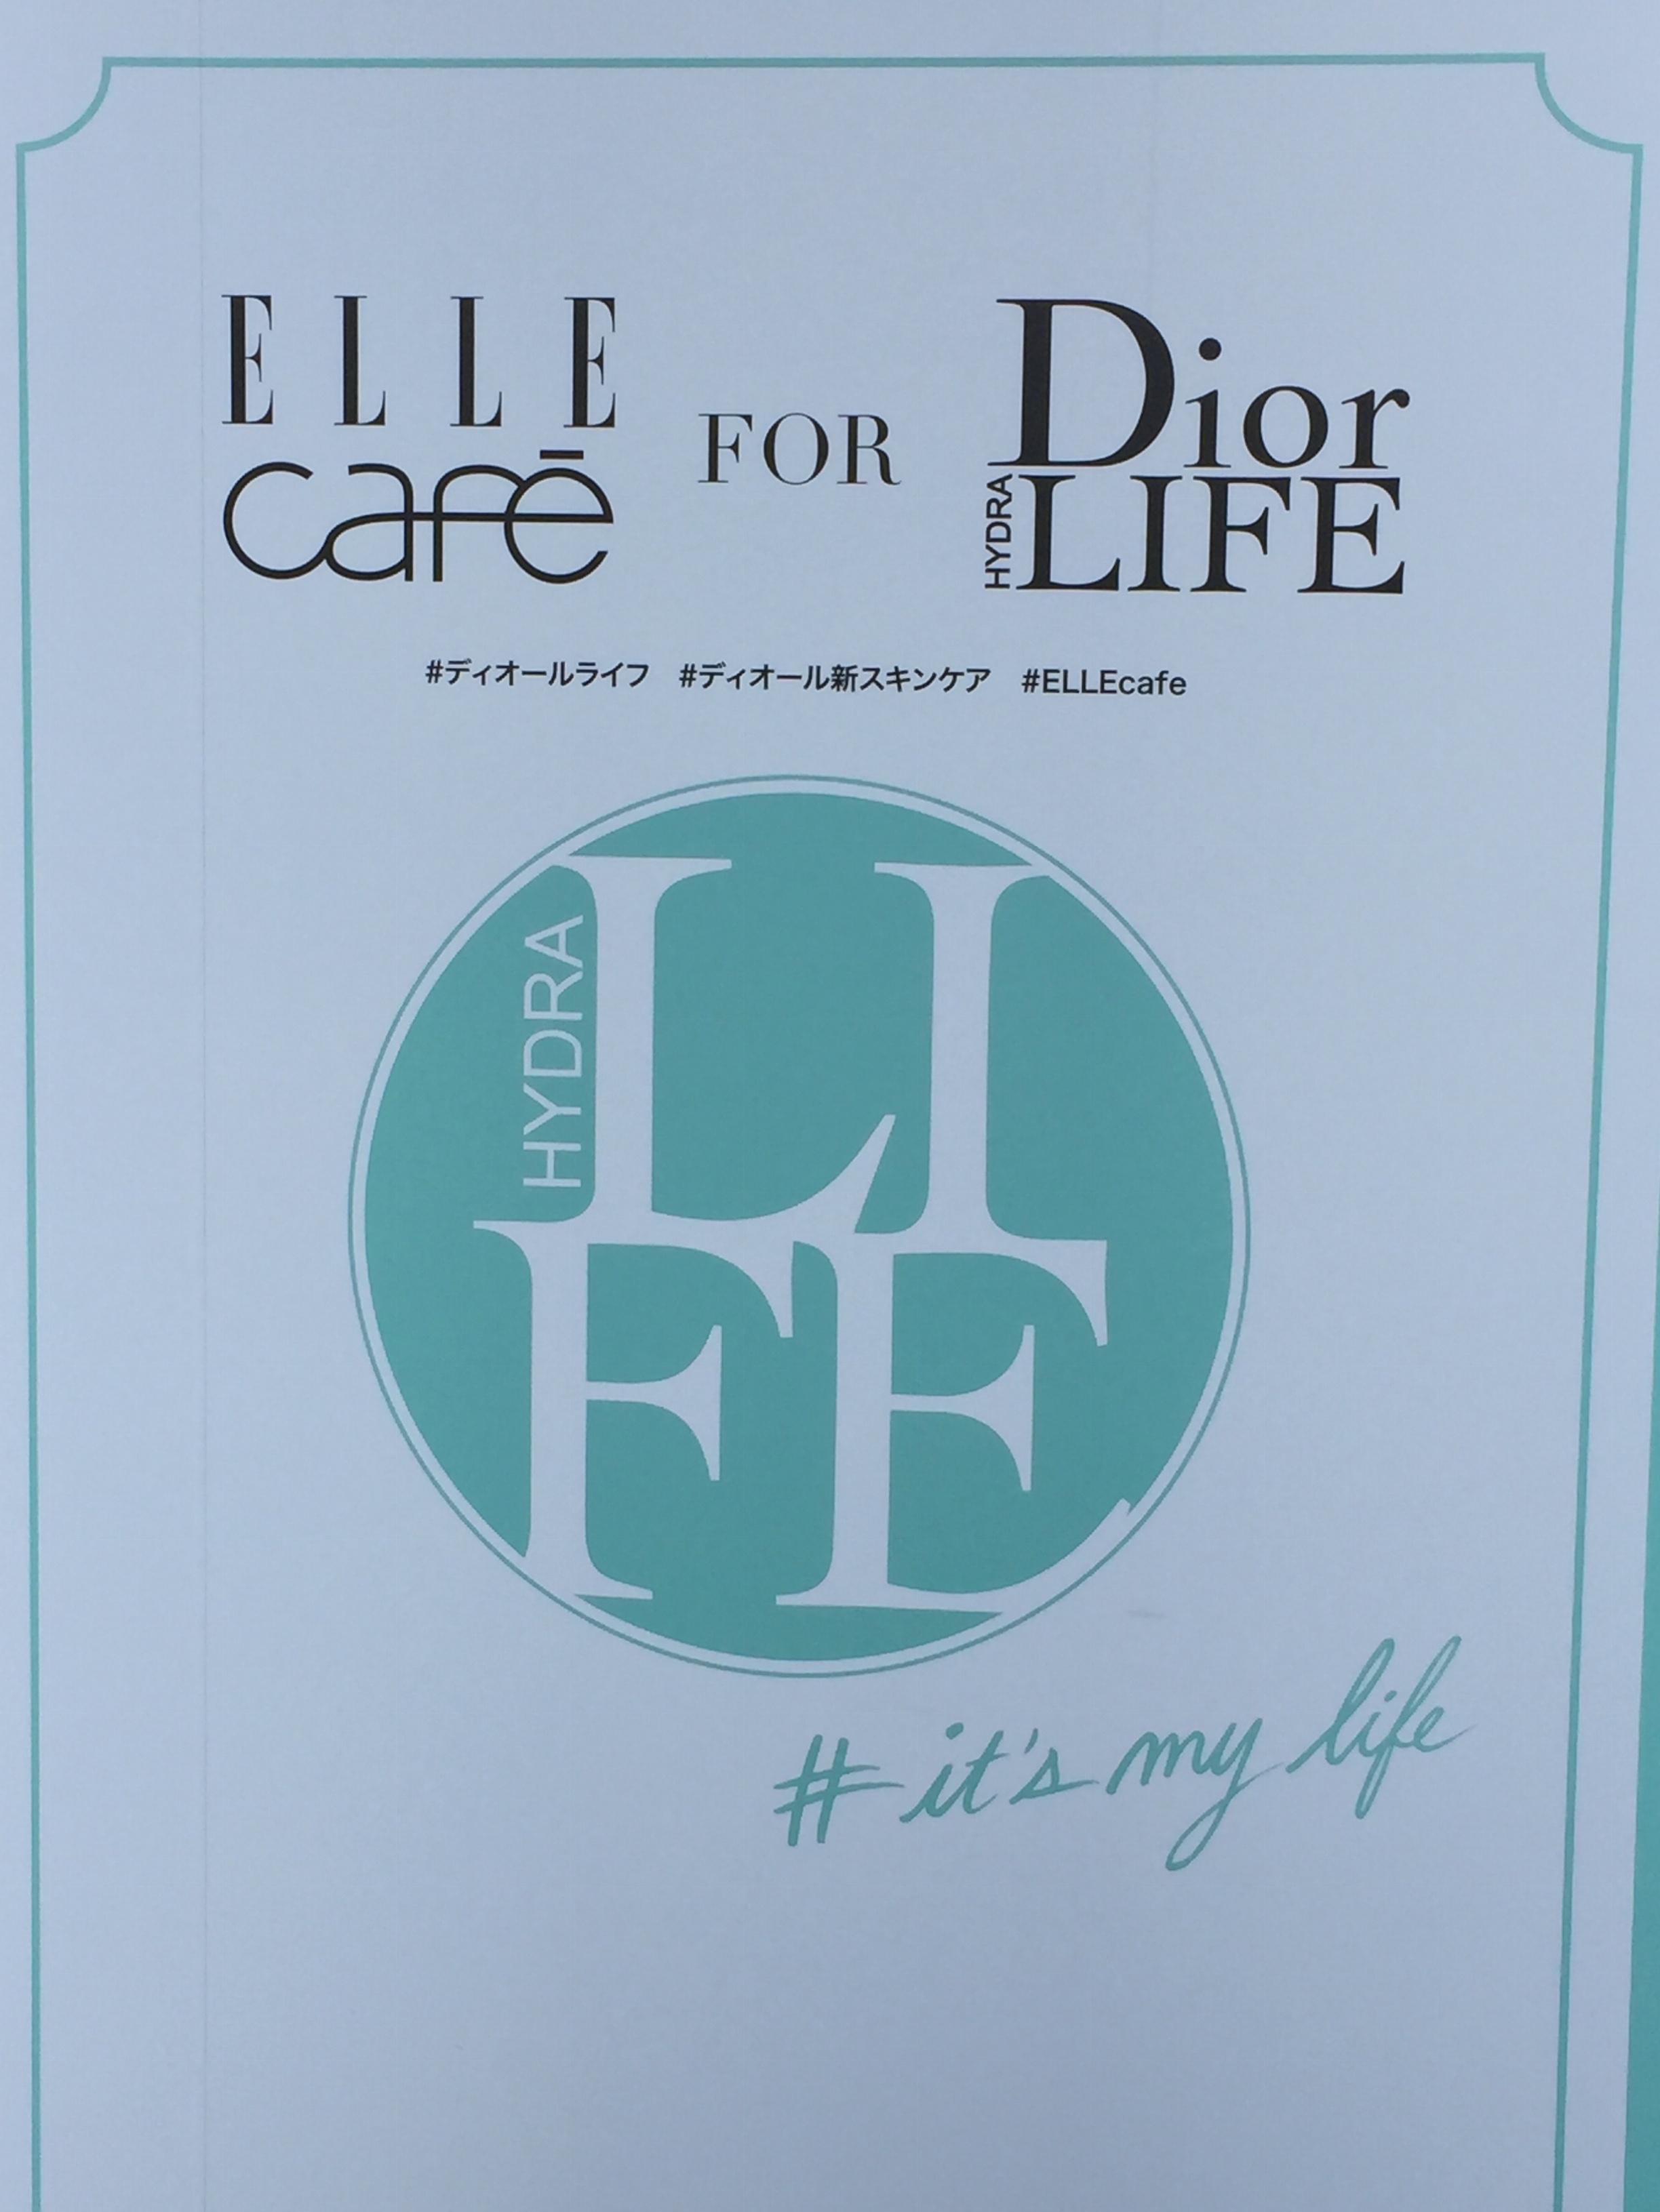 6/30まで!フォトジェニックで大人気『ELLEcafe(エルカフェ)』とDiorコラボのパステルボンボンが飲めるのは今だけ!!_5